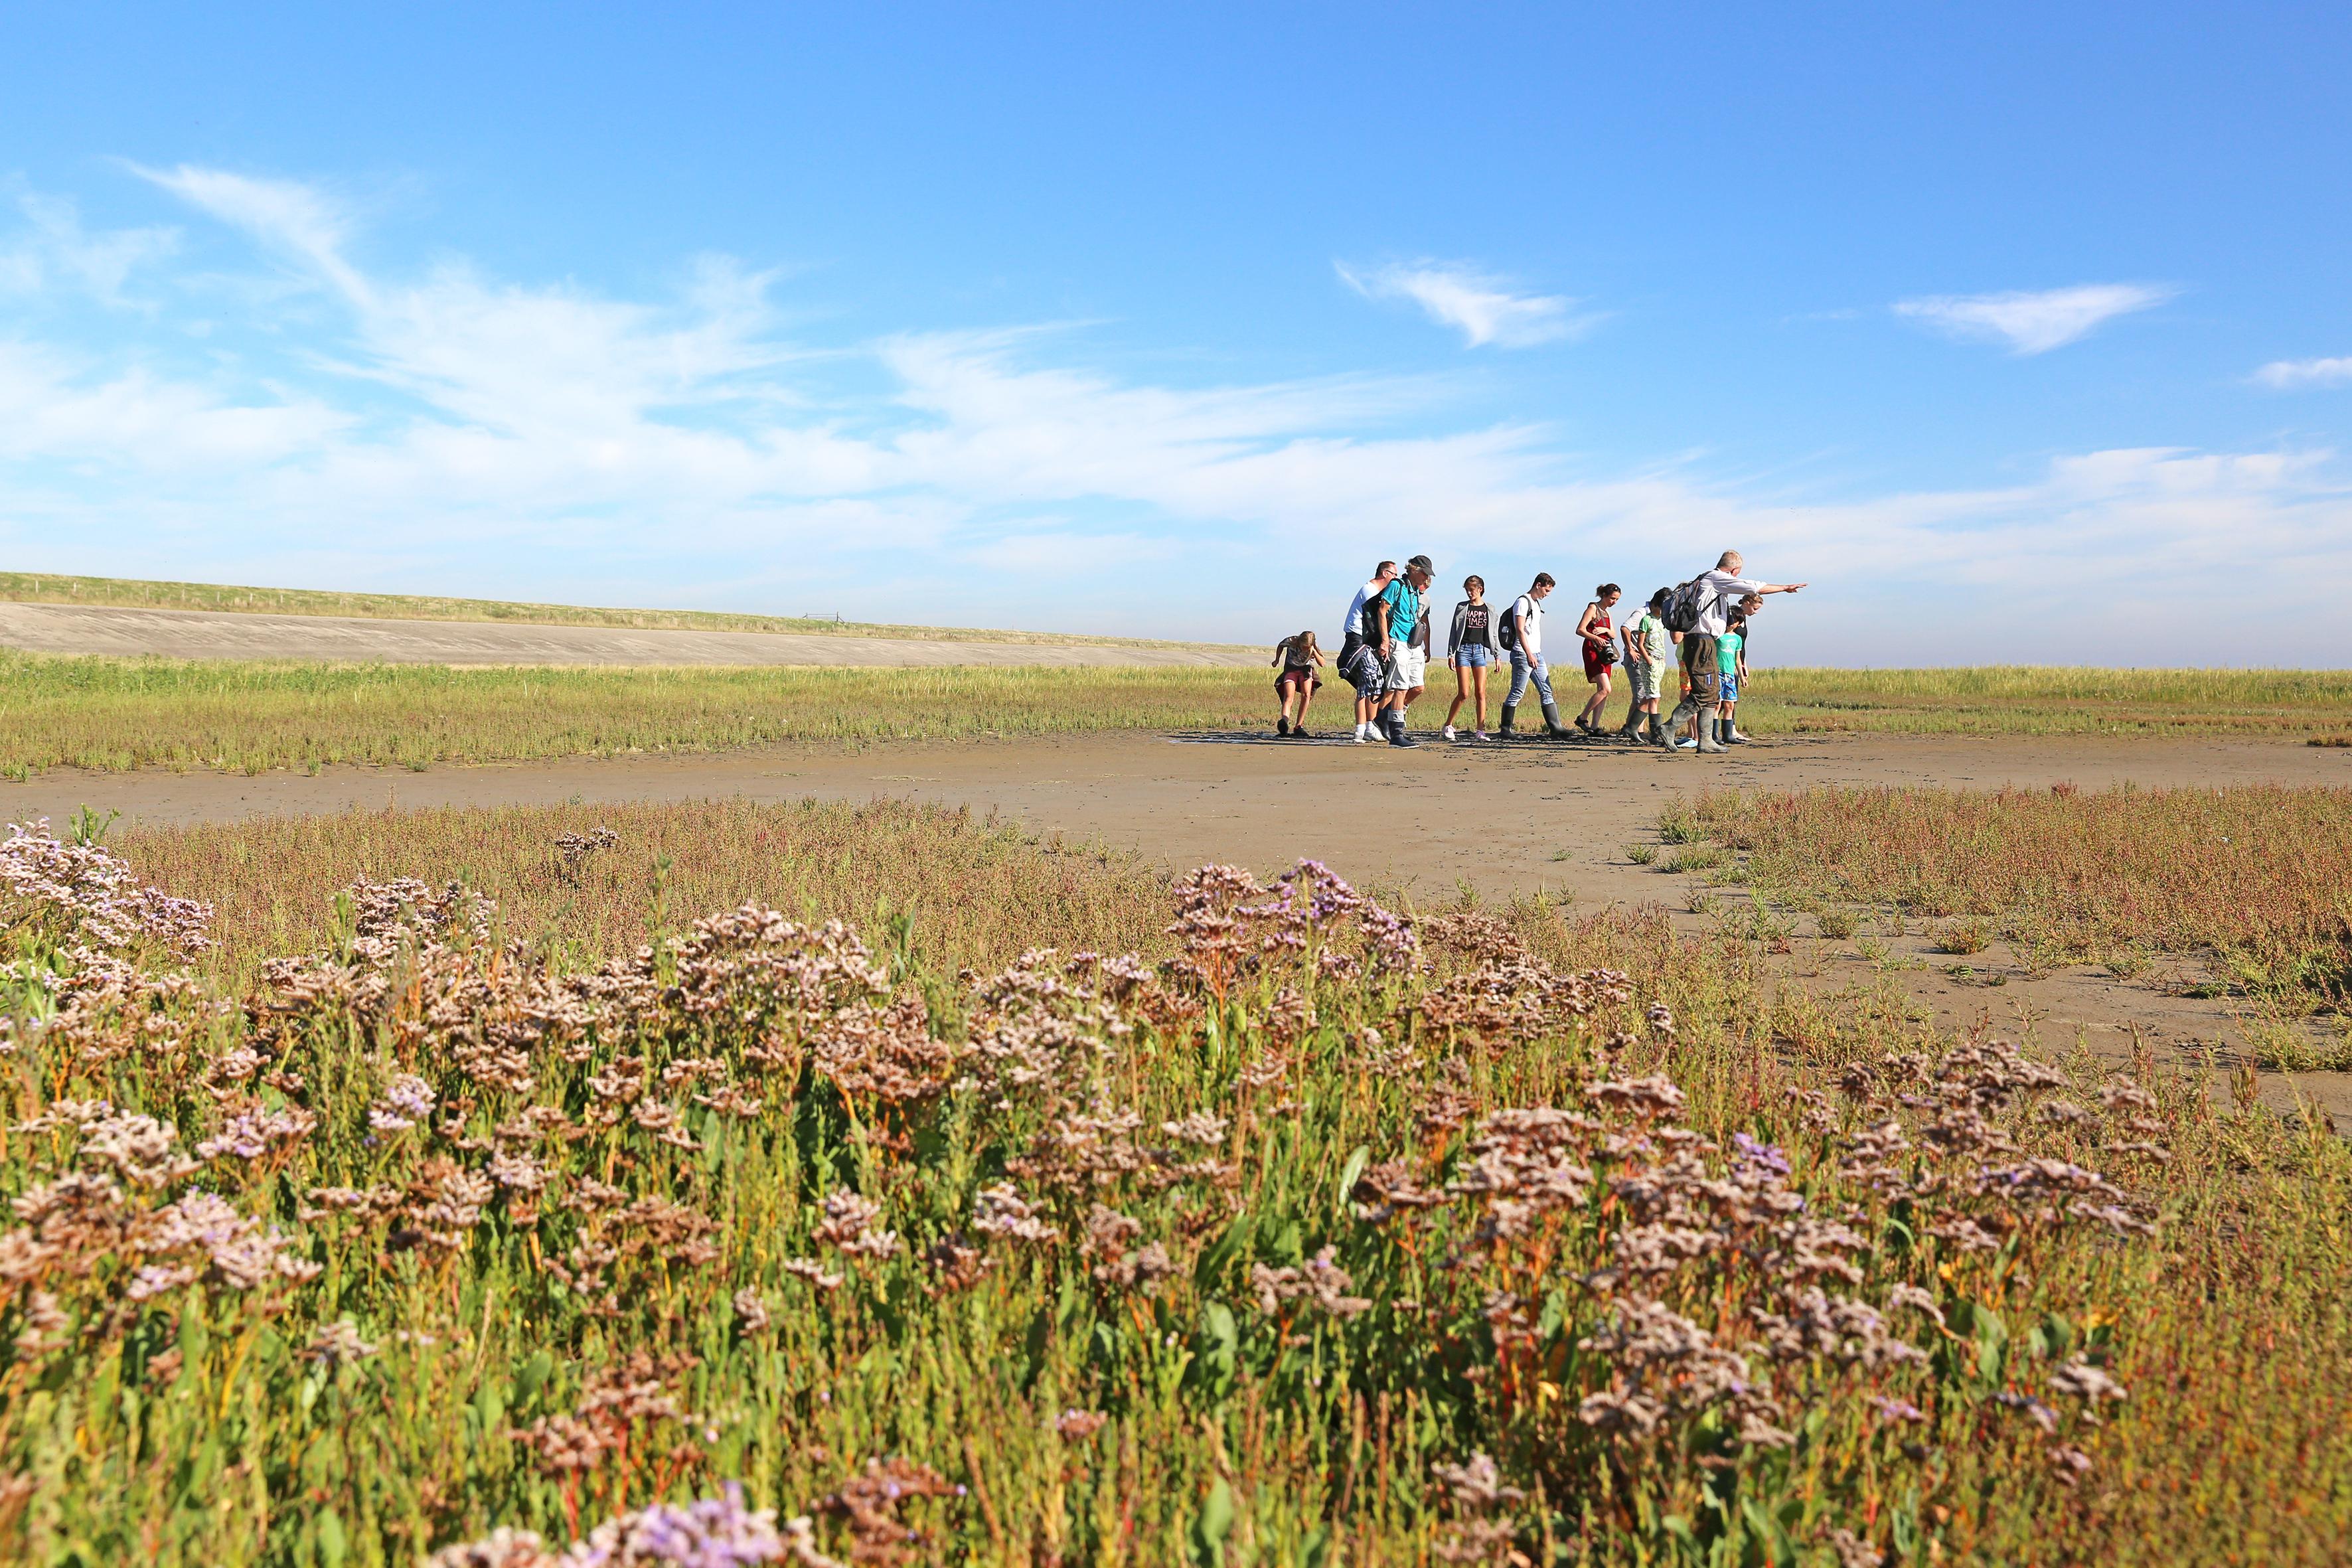 Natuurexcursie de Schorren Natuurmonumenten VVV Texel Fotograaf Gertha Wessels